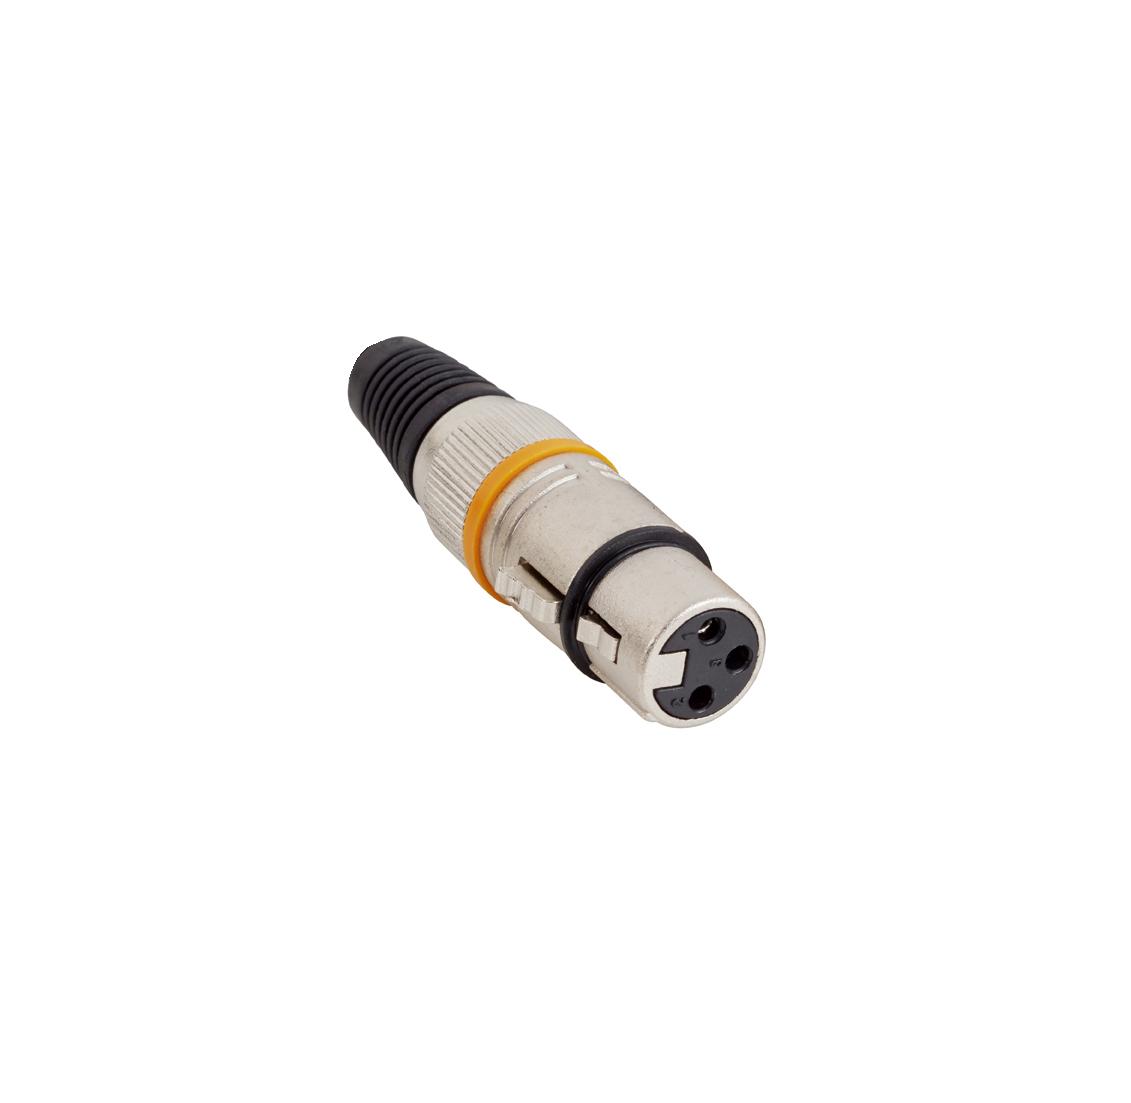 CABO P/MICROFONE XLR 6M WARWICK ROCKCABLE RCL30356 D6